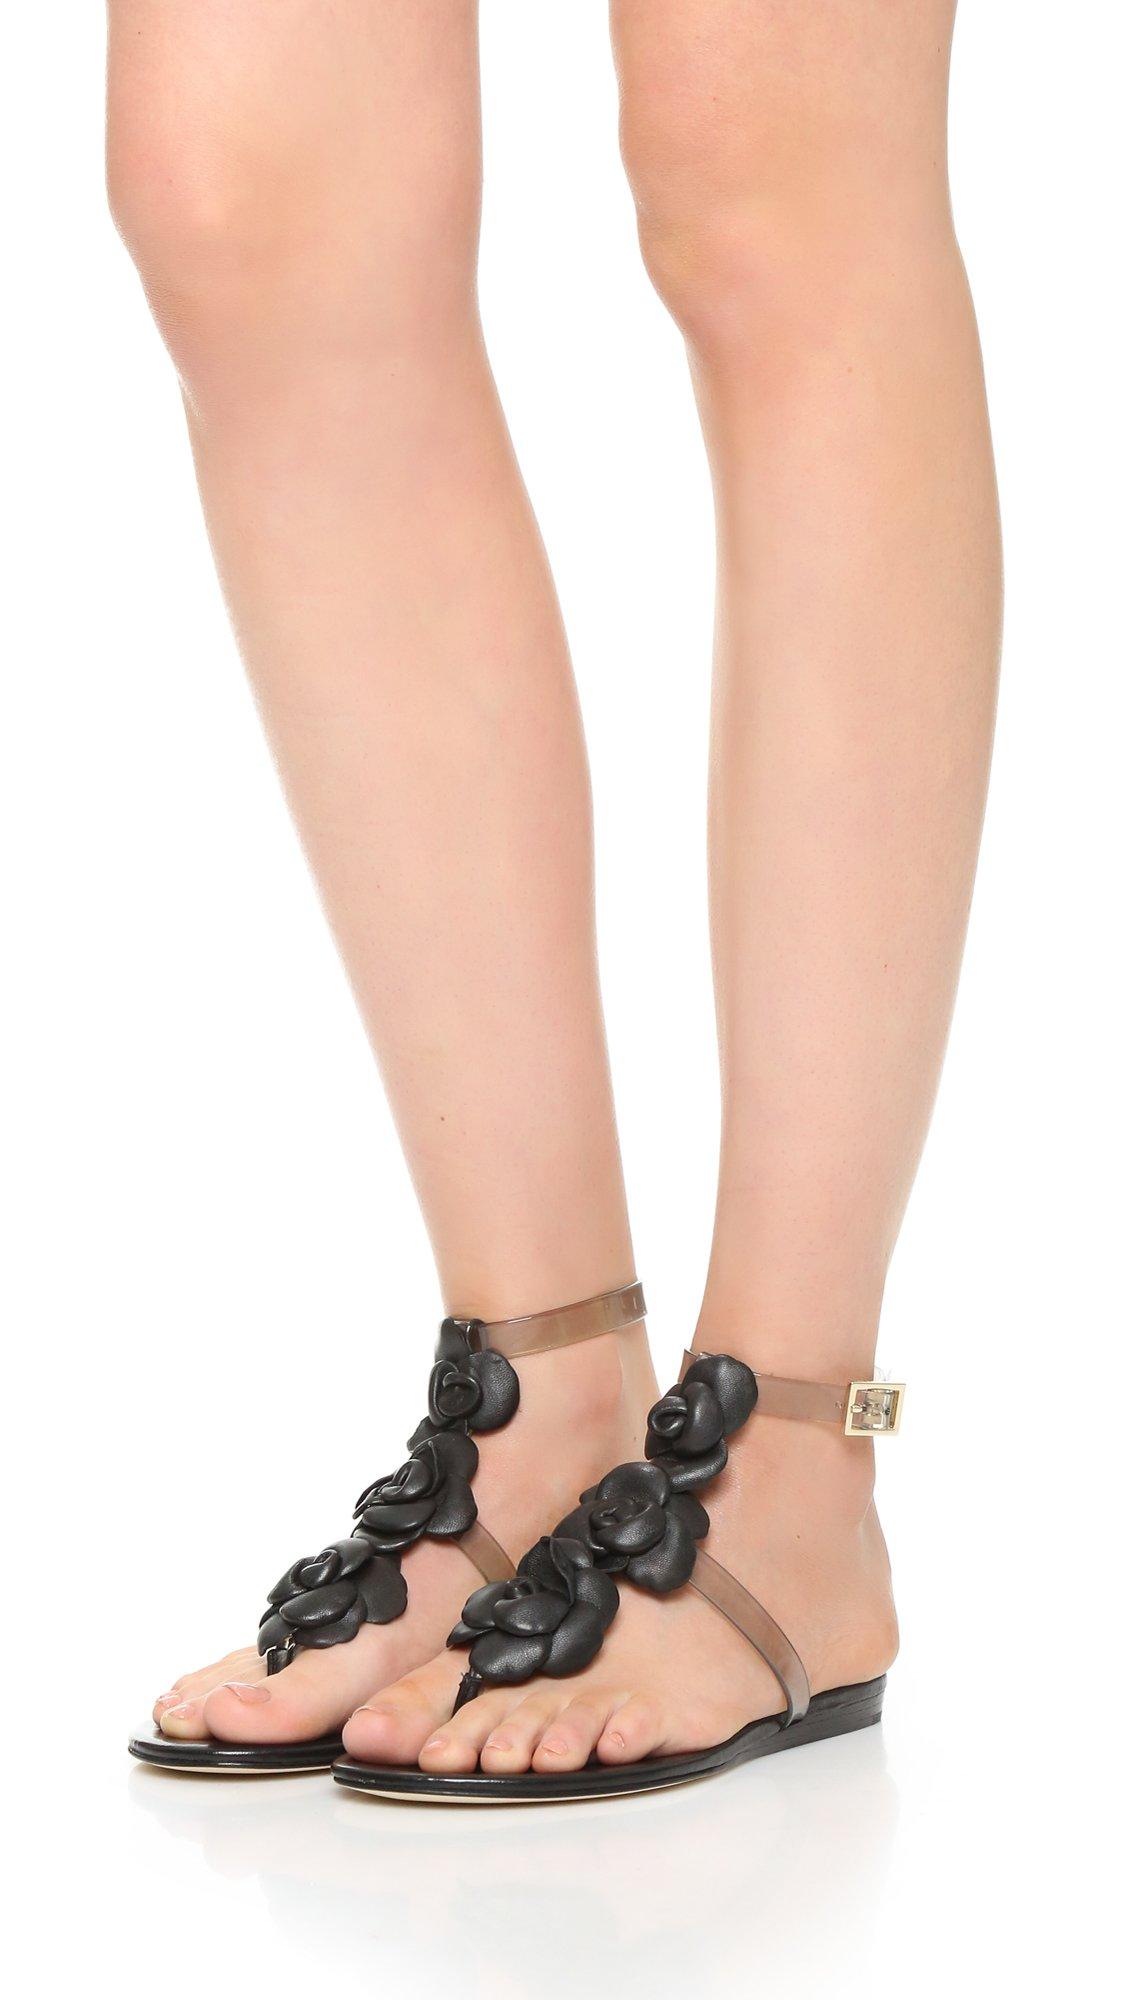 Diane von Furstenberg Artemis Leather Sandals 2014 sale online mABhtTa